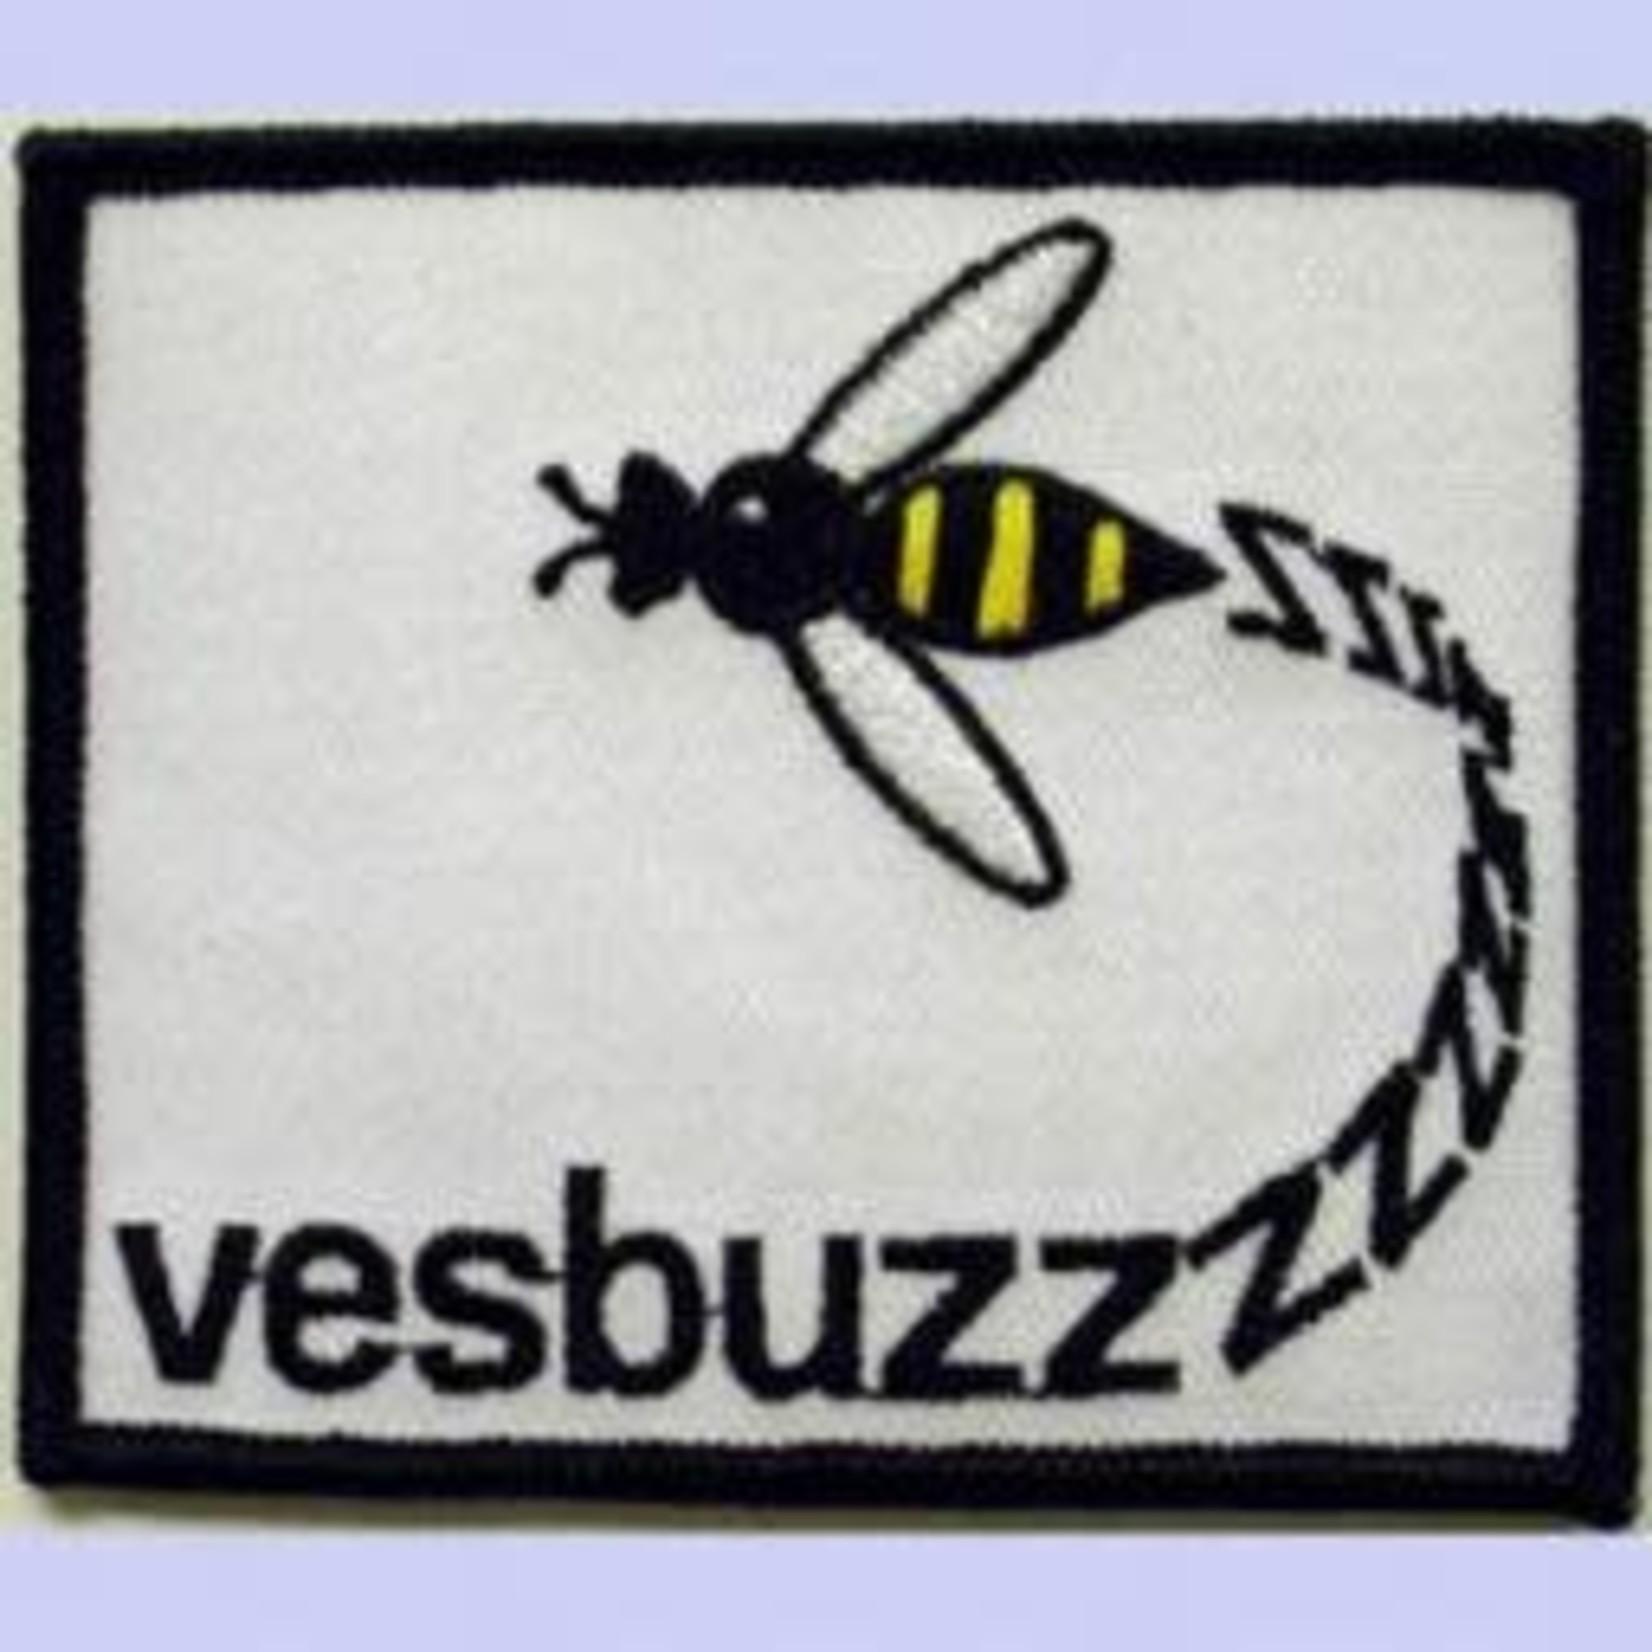 Lifestyle Patch, Vesbuzzzzz